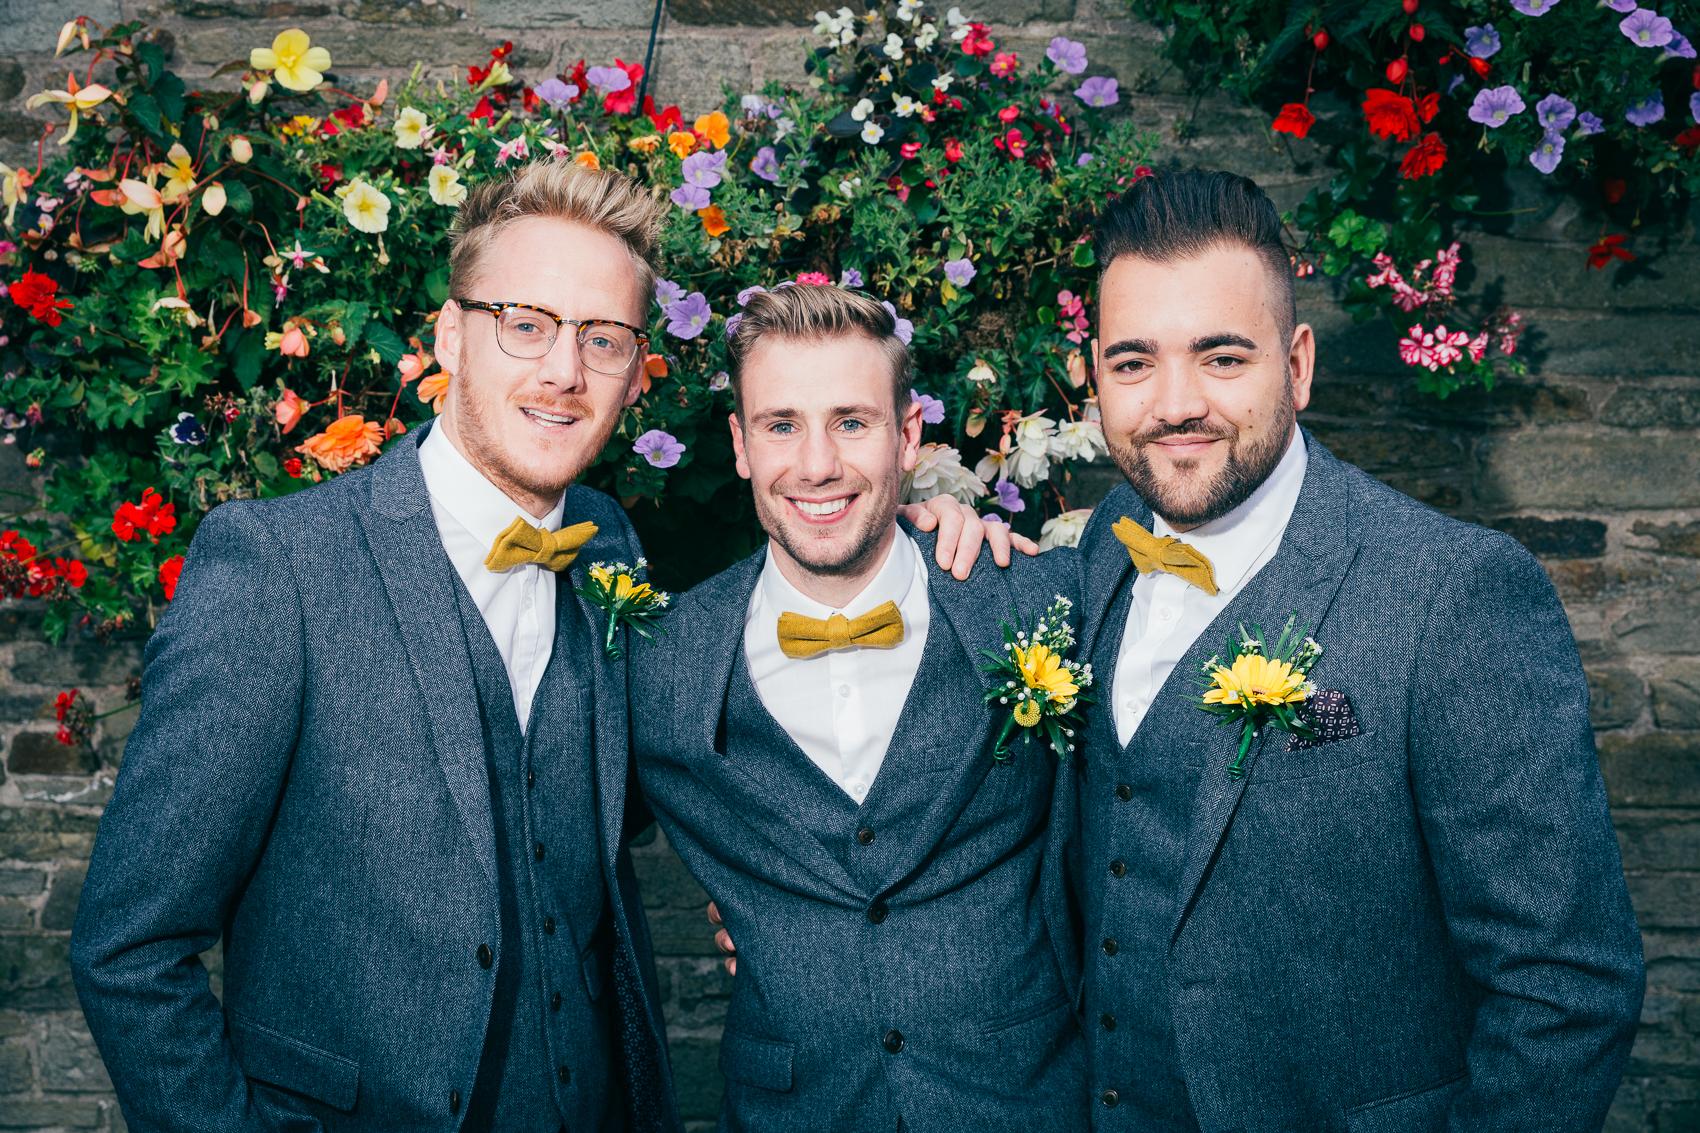 Spring wedding florals mustard bow tie